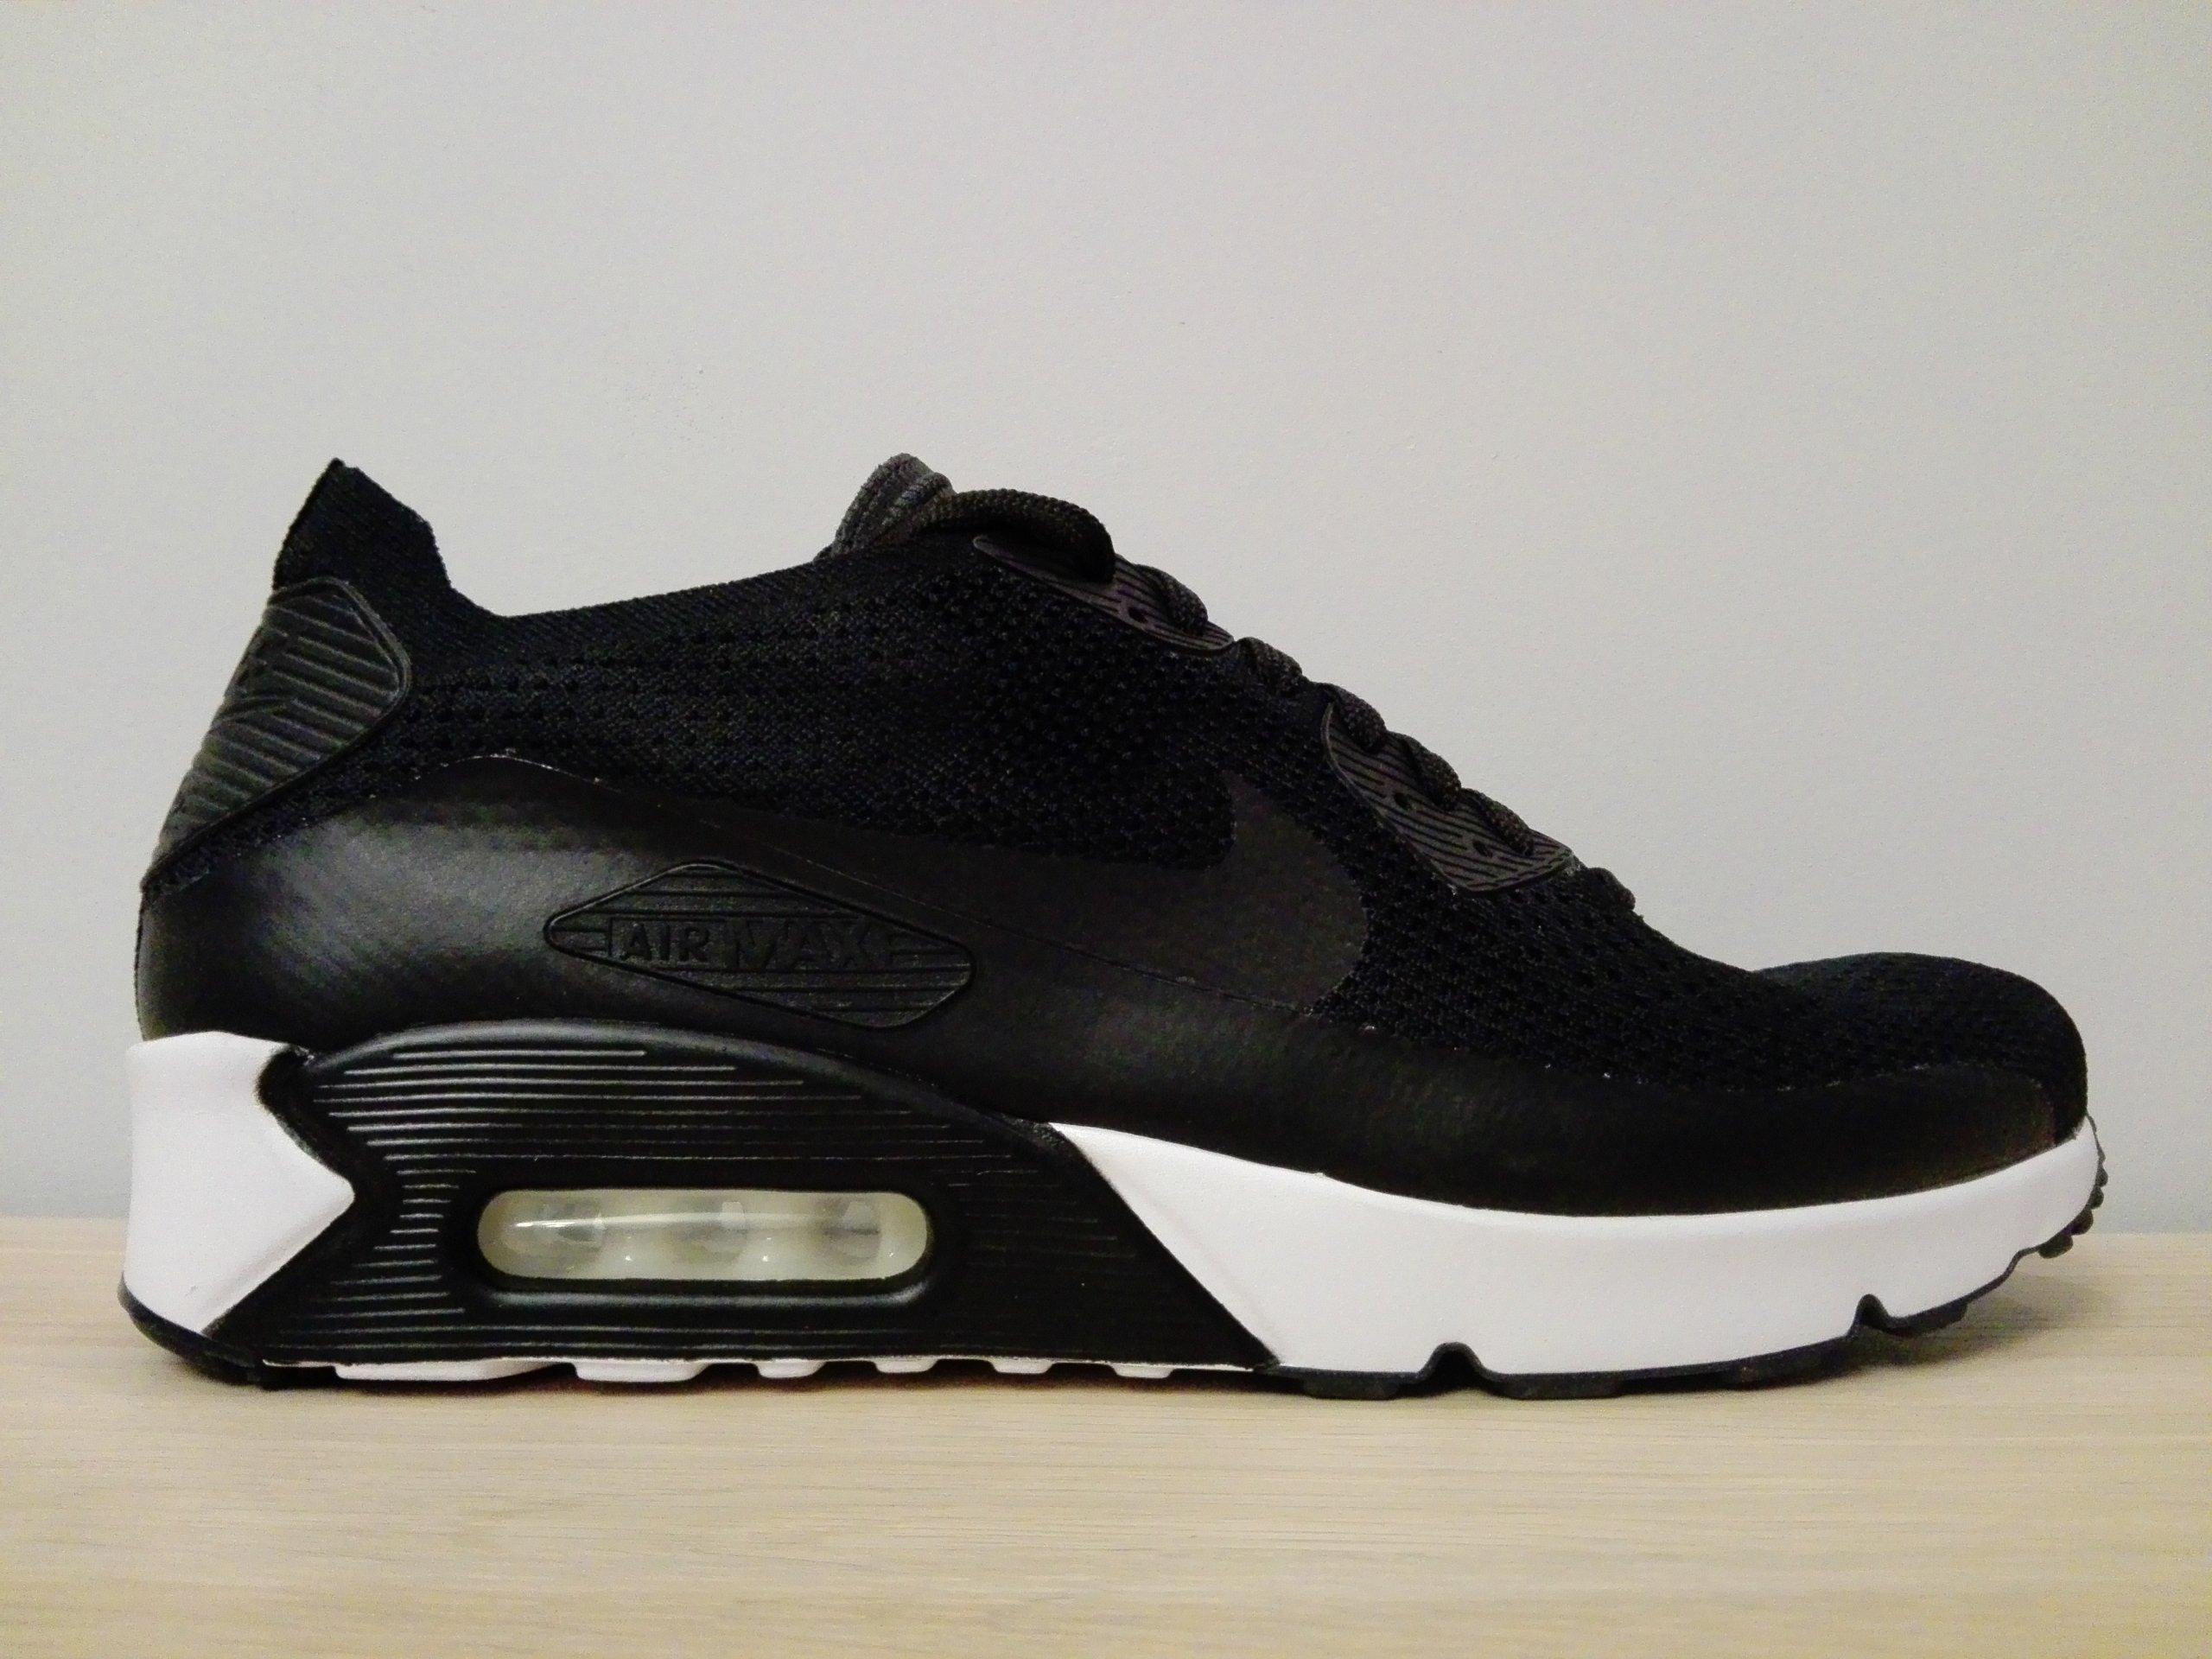 Oficjalne Buty Nike Air Max 90 Męskie Czarne Fabryka Outlet